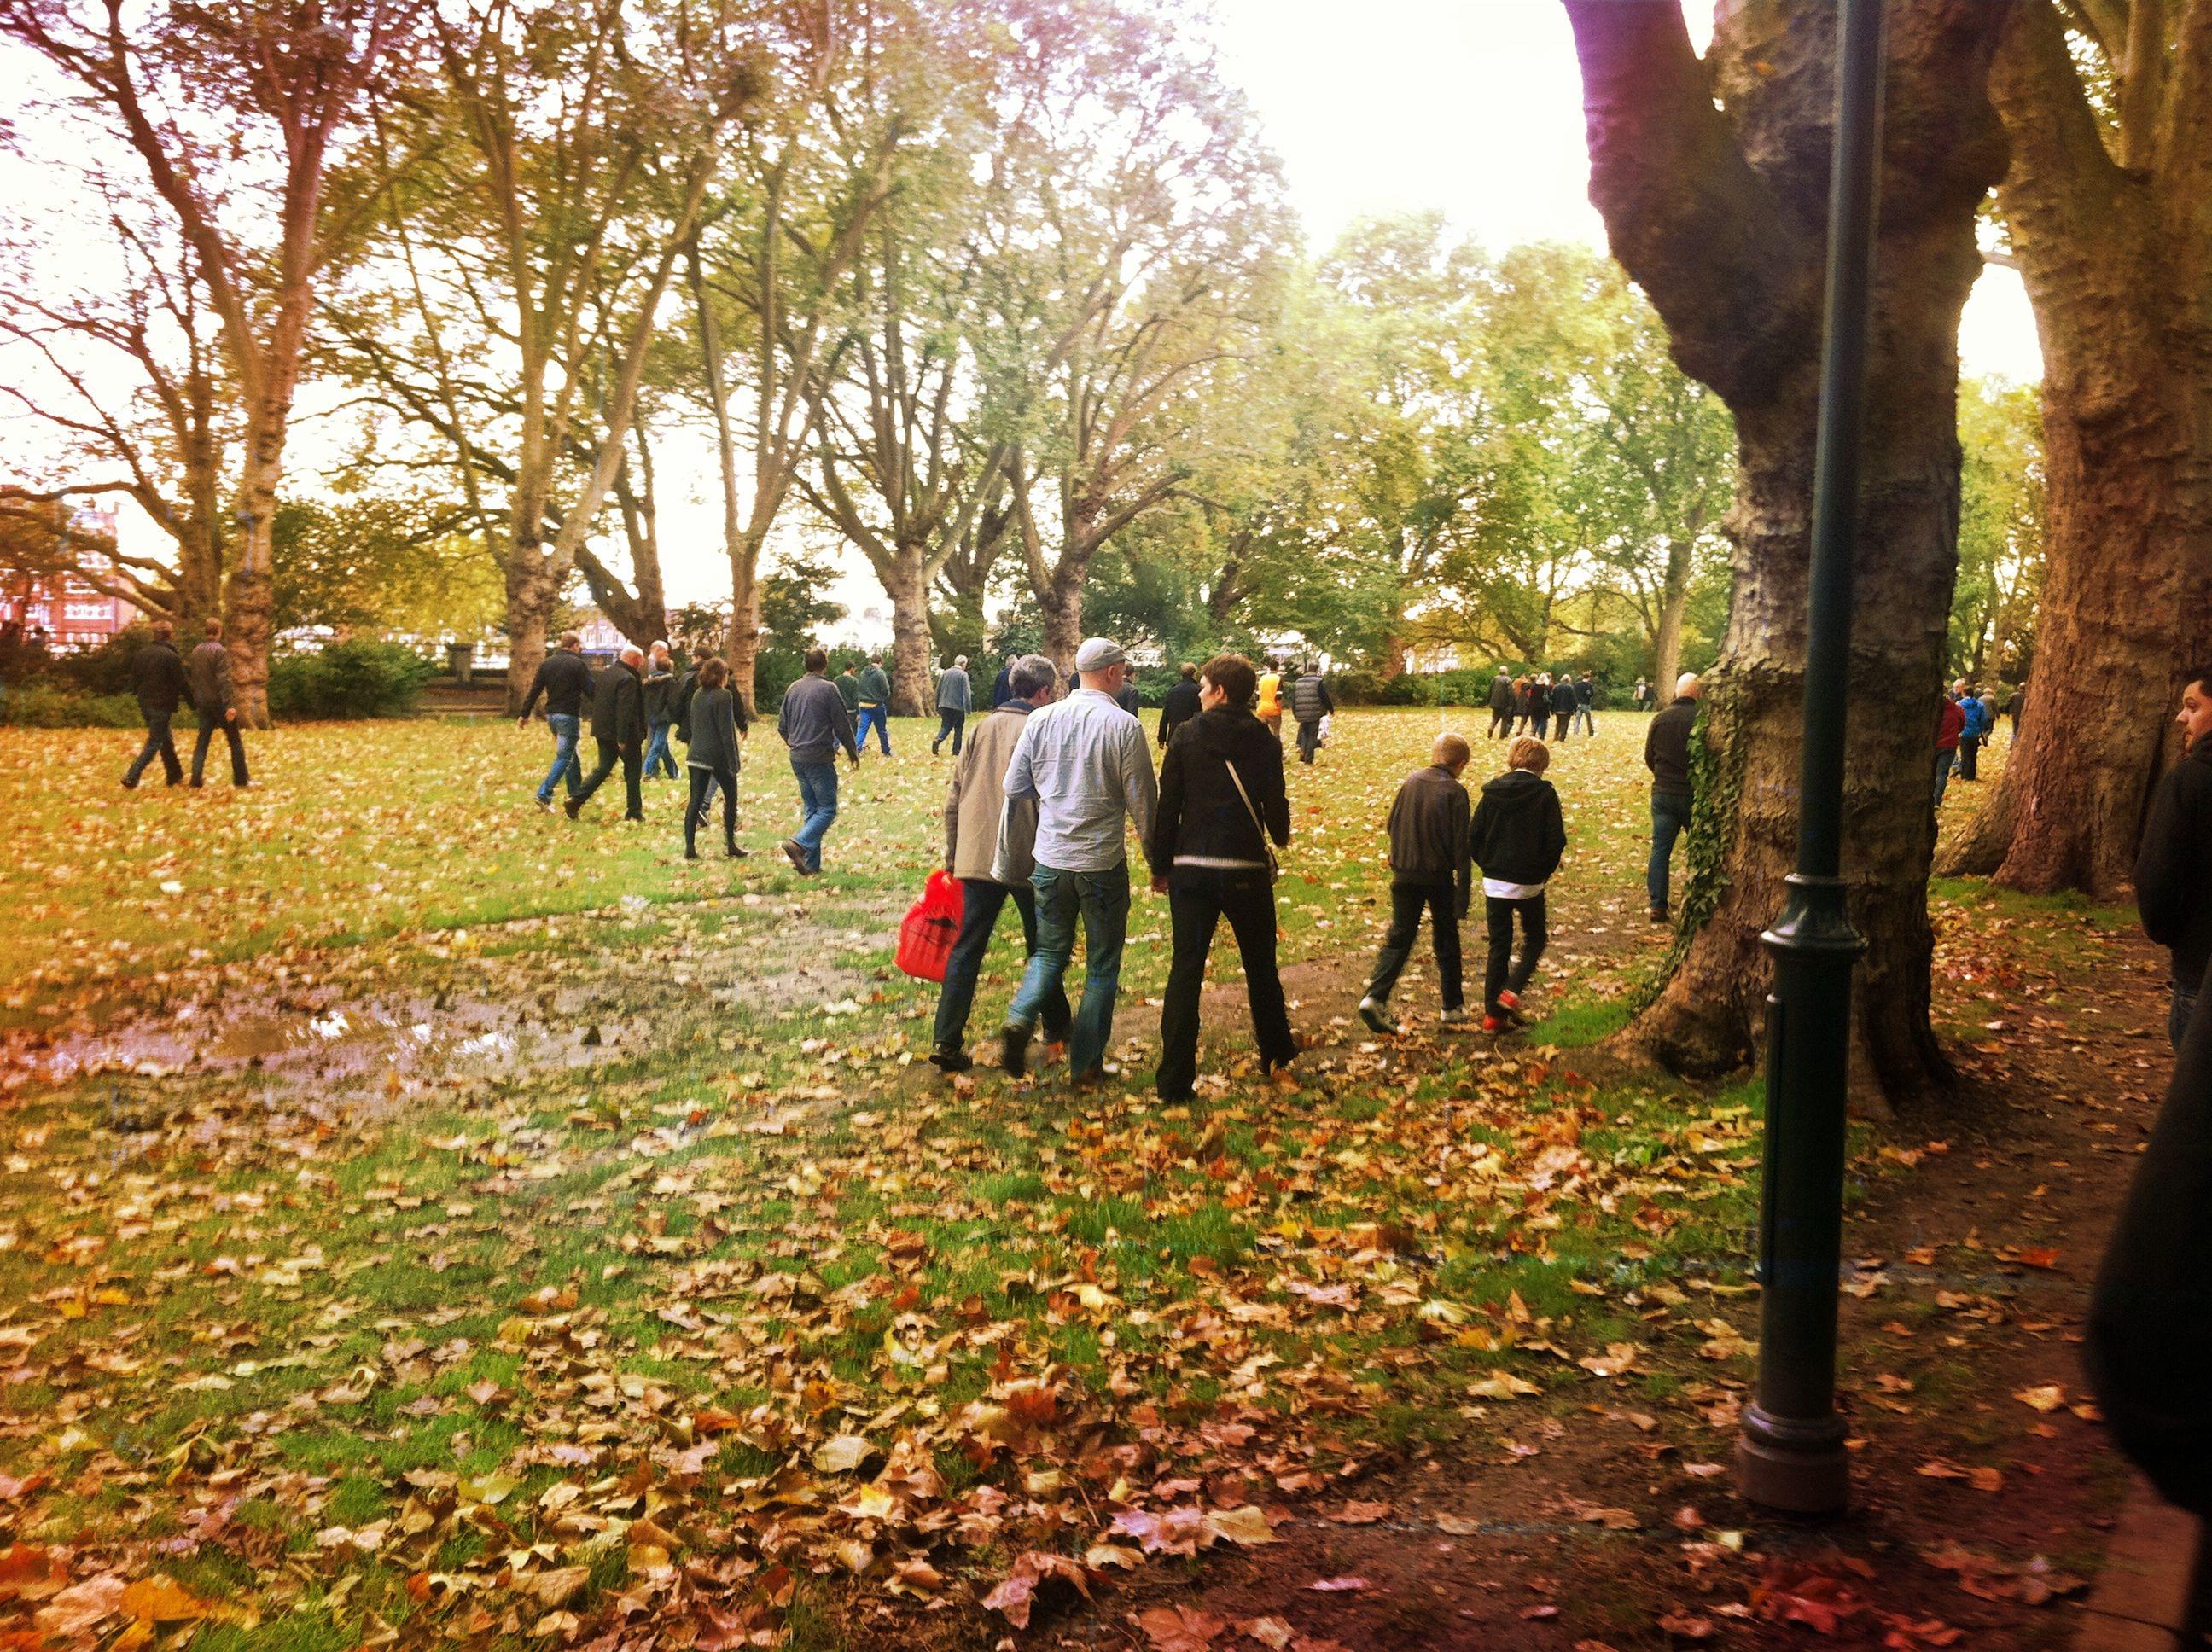 fussball in london